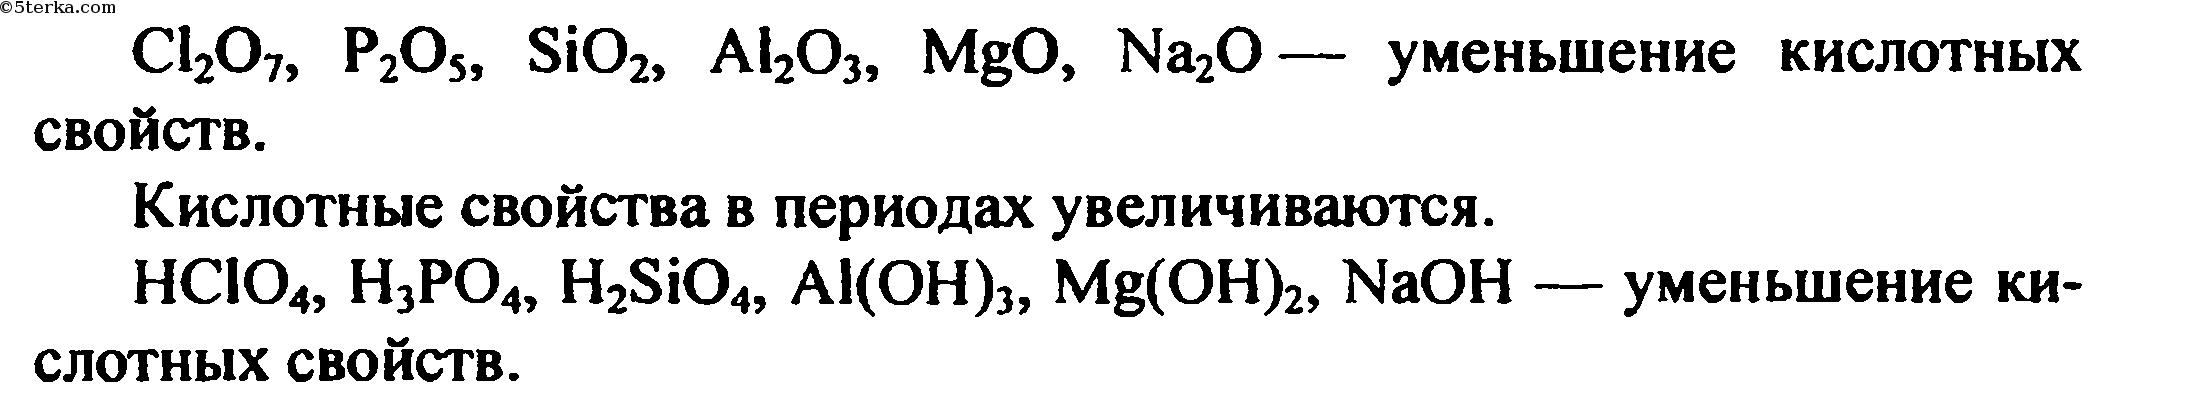 Химия 9 класс о с габриелян для 9